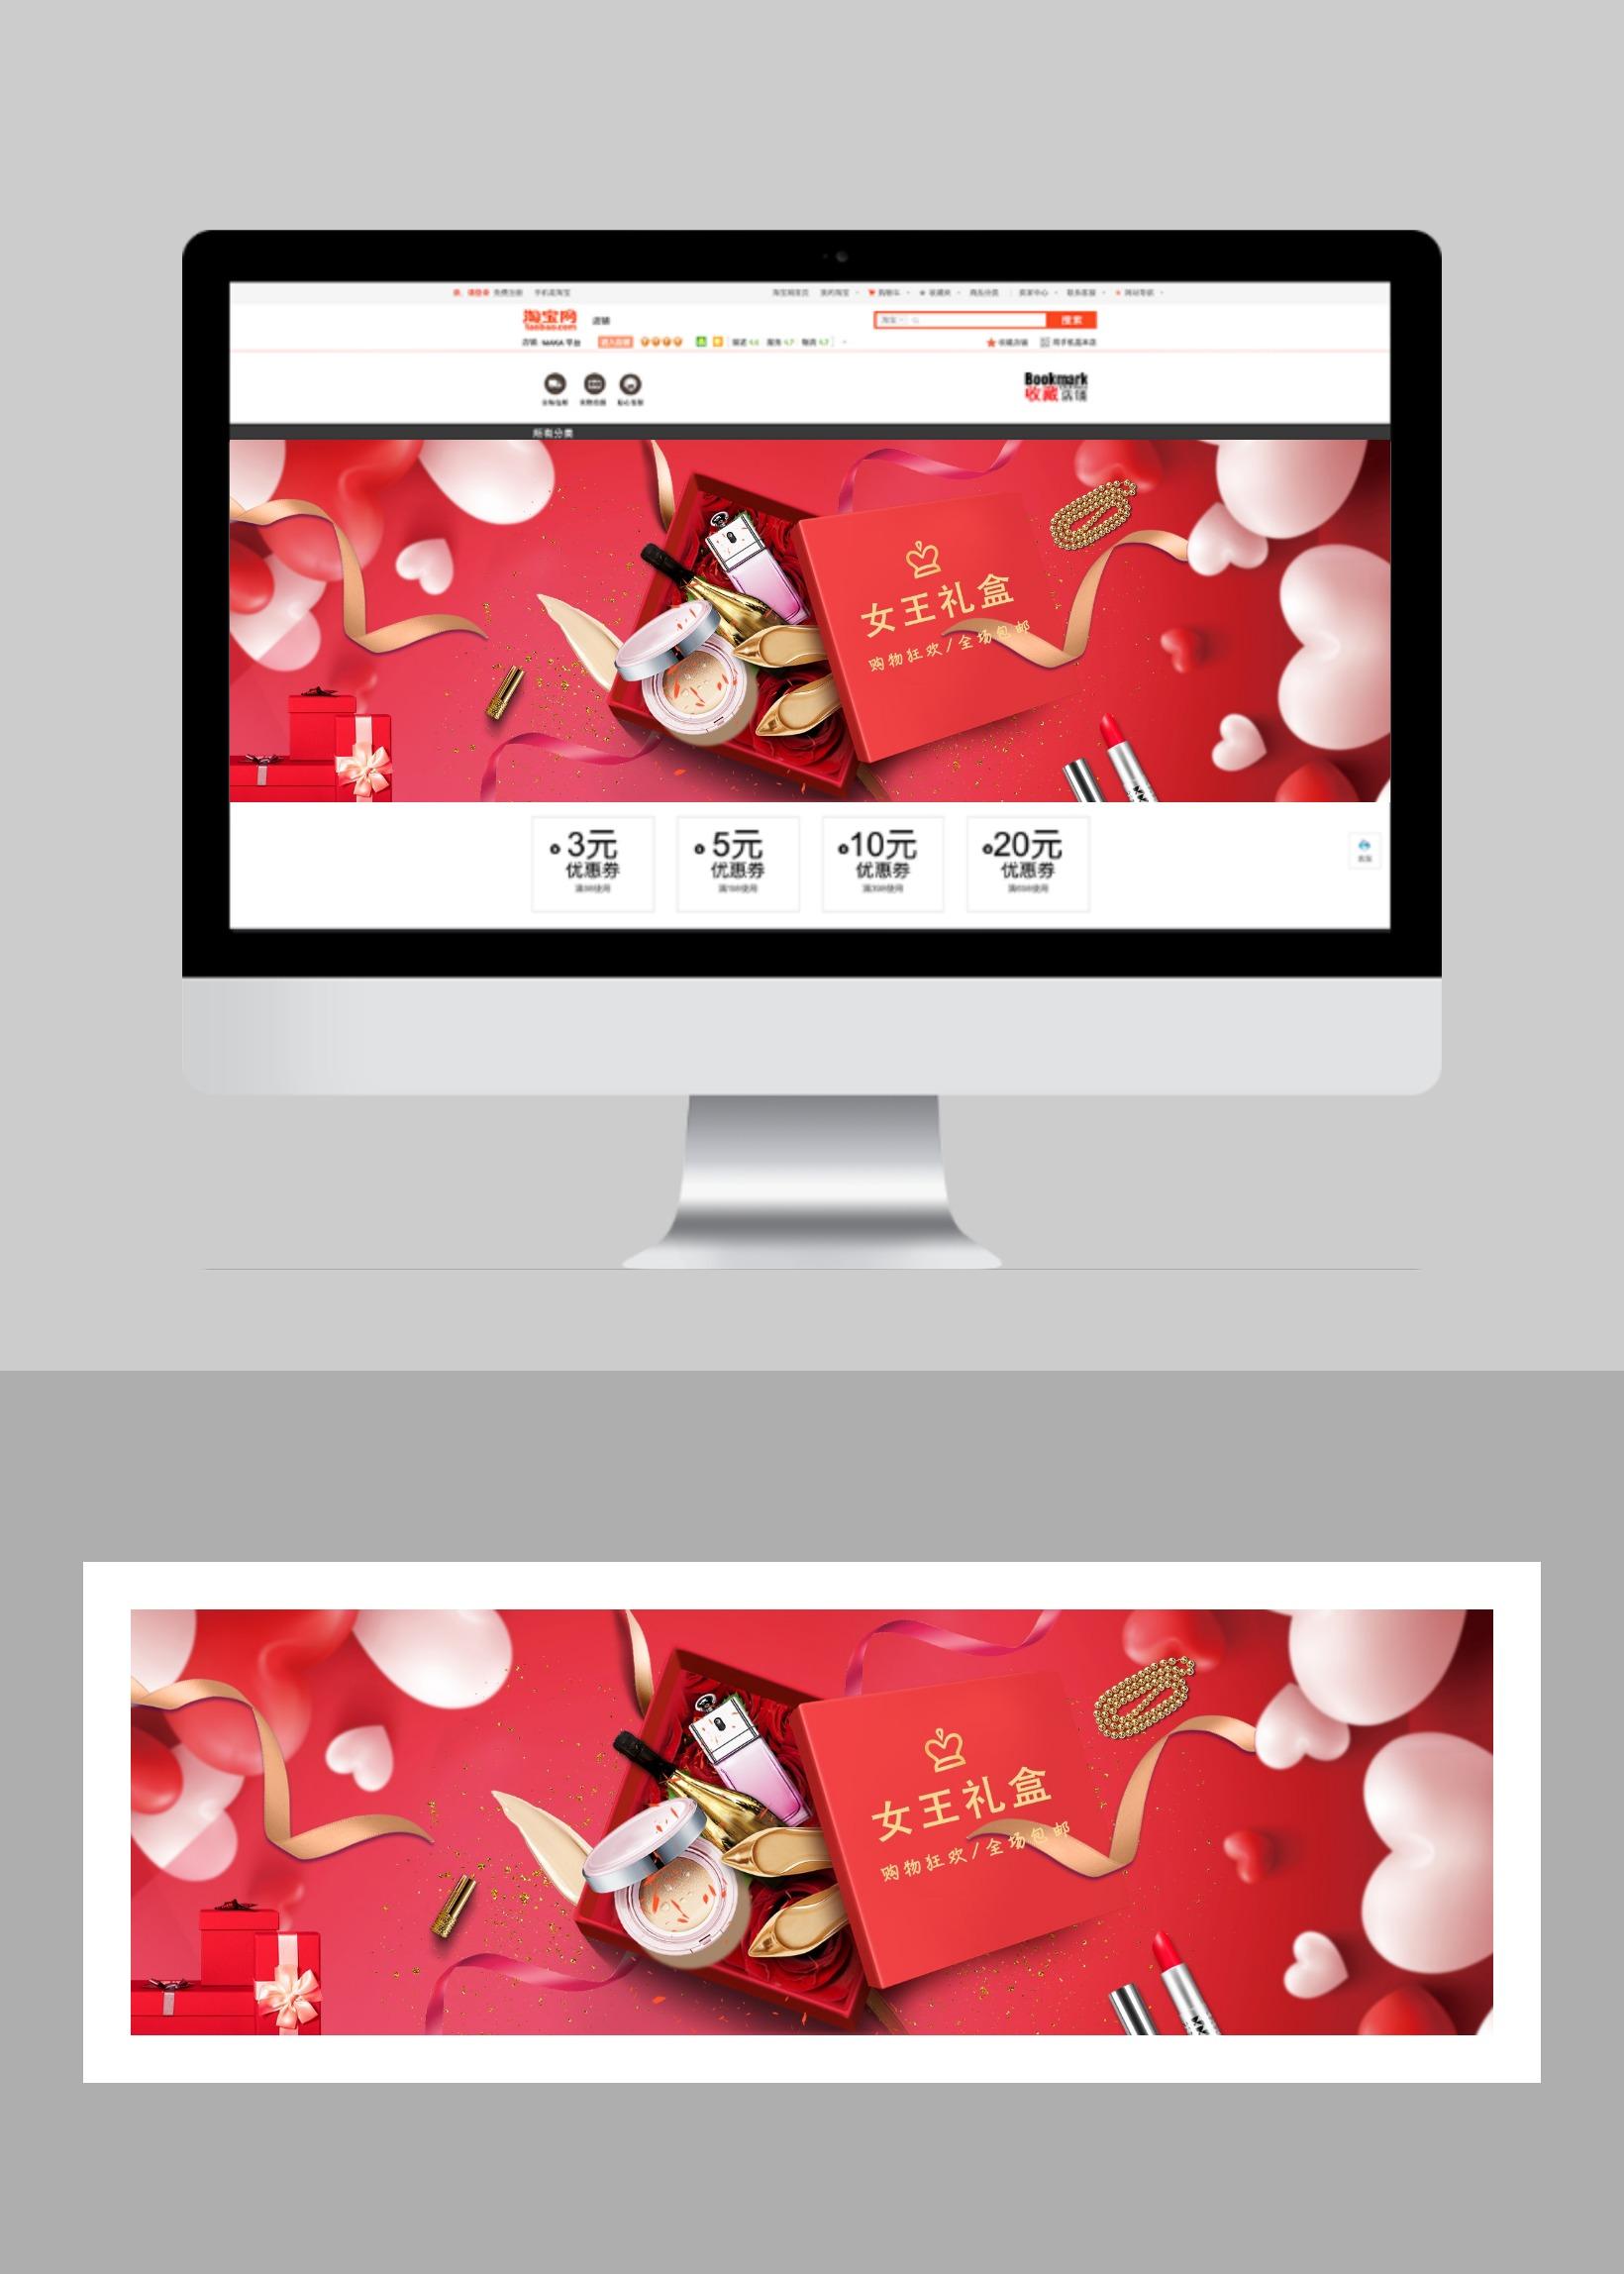 新品炫酷时尚化妆品护肤品产品促销宣电商banner